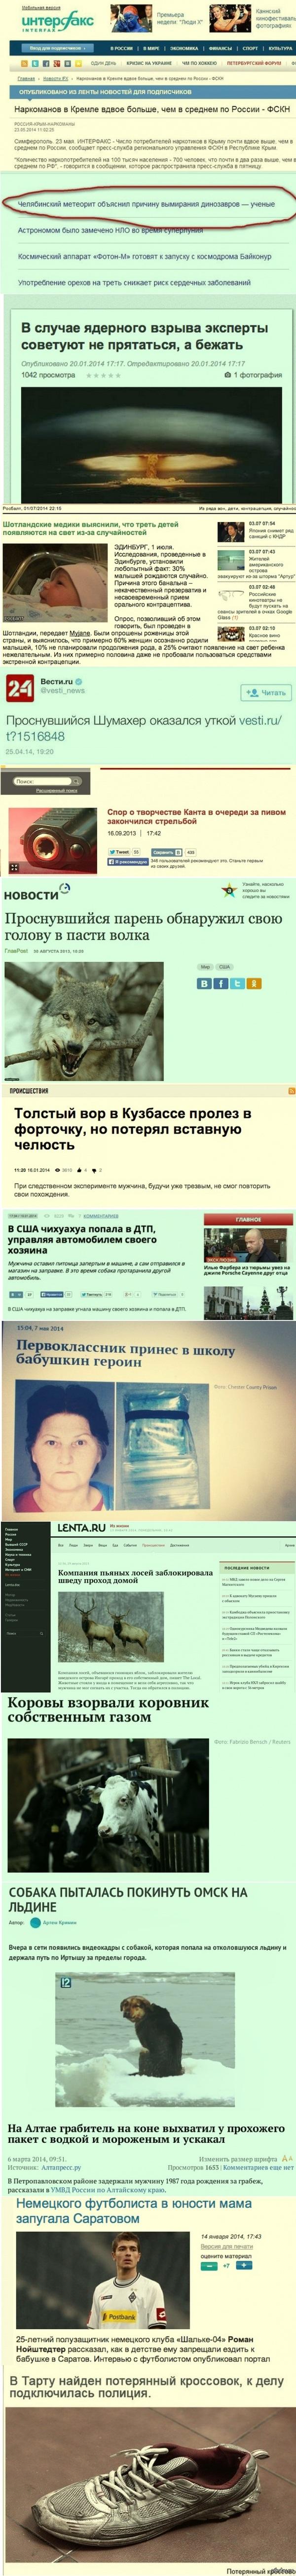 Странных заголовков пост или как выглядят упоротые новости